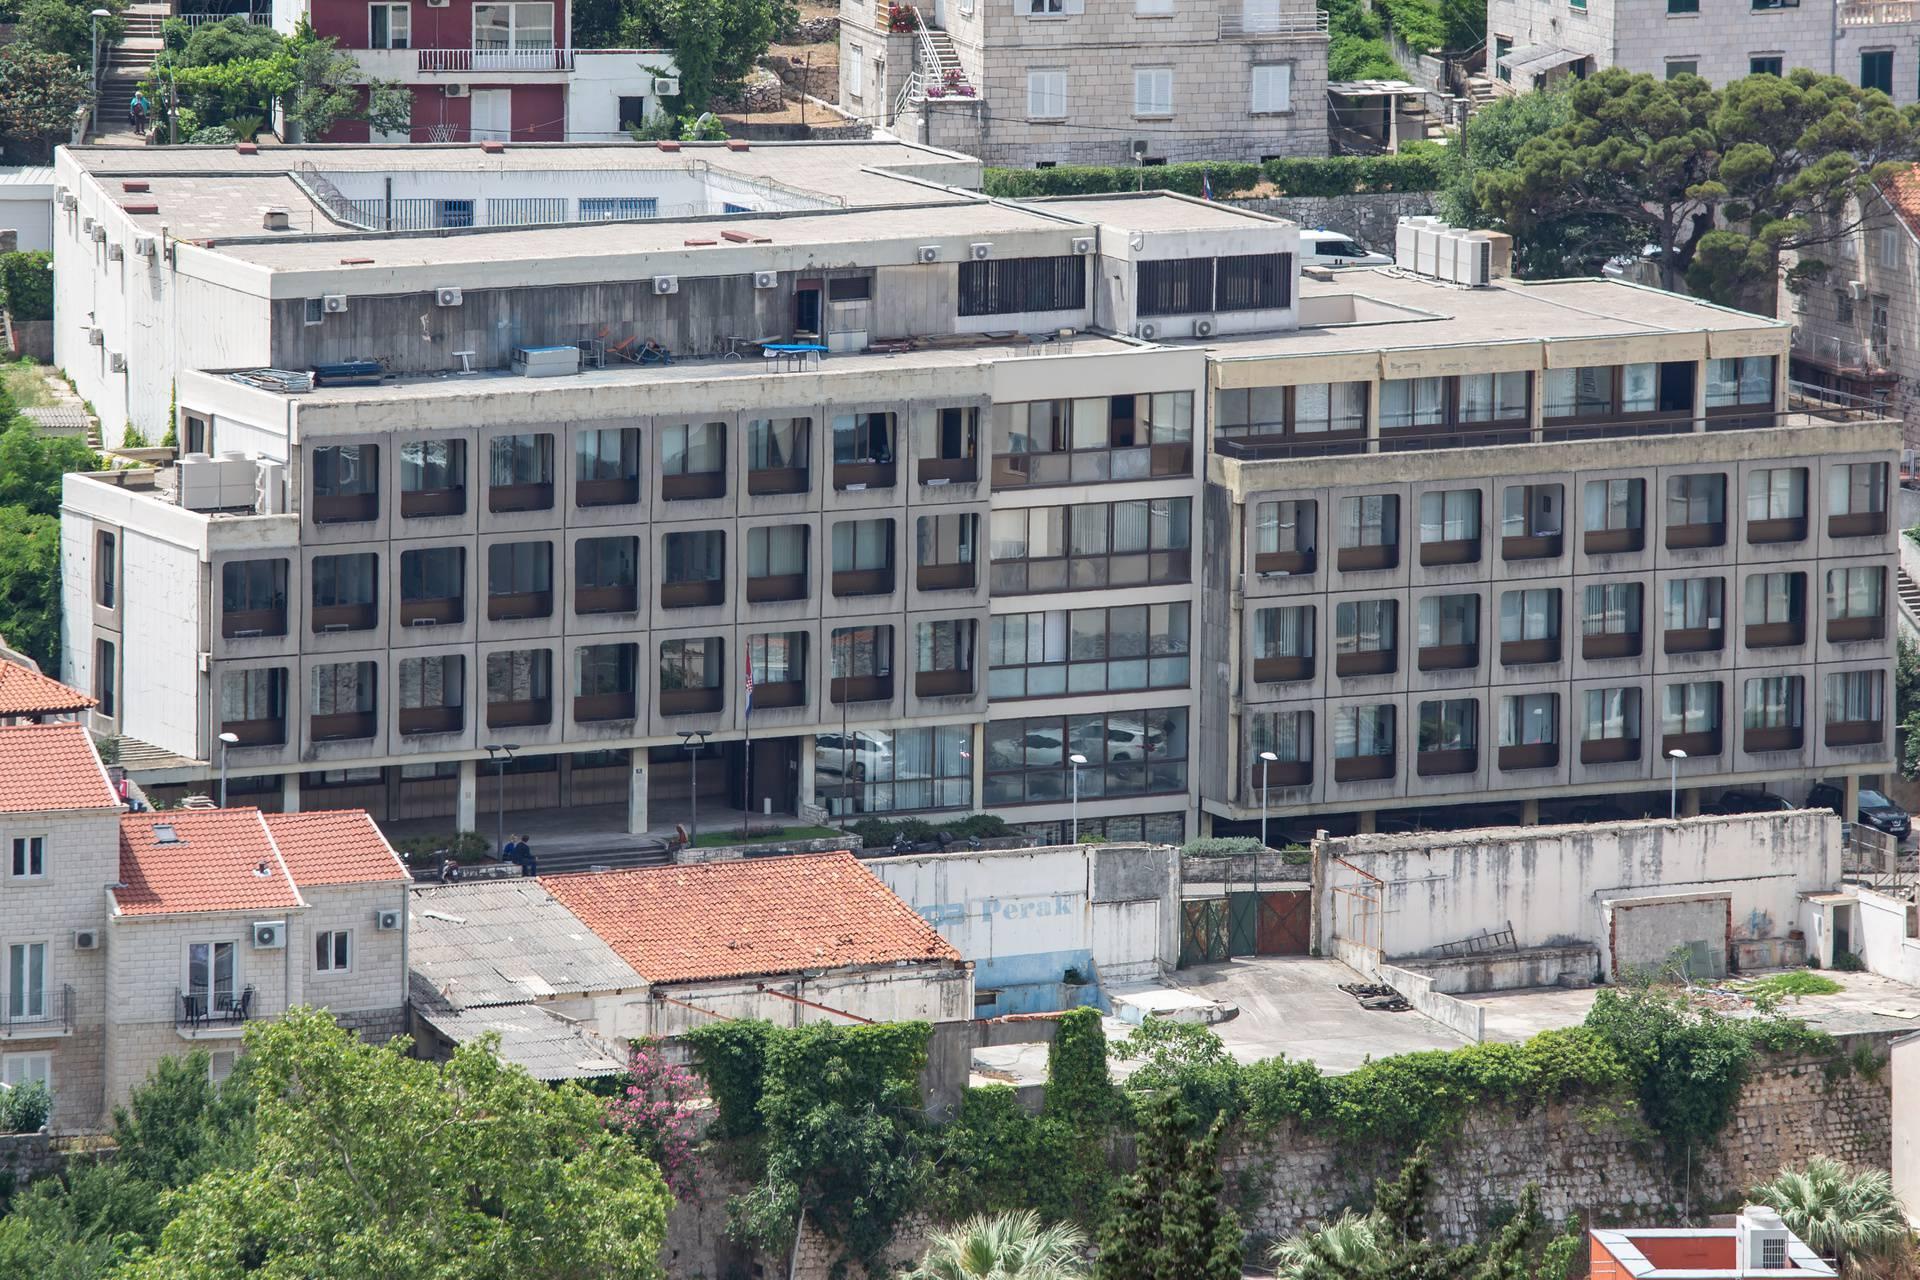 Sud u Dubrovniku 47 godina vodio ostavinsku raspravu!